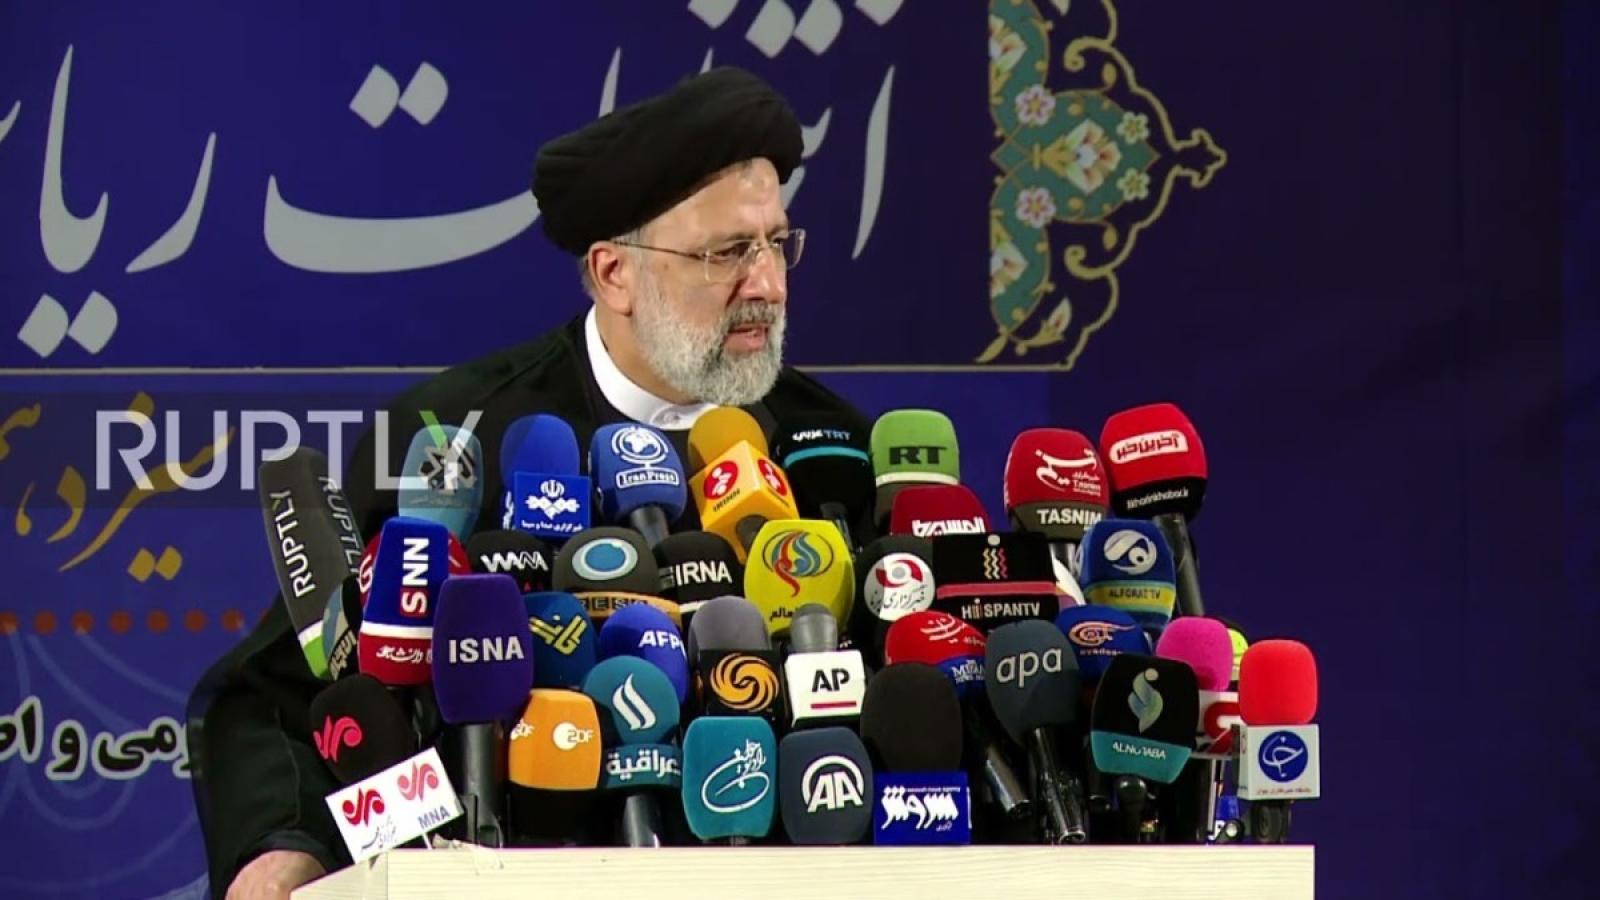 Tổng thống đắc cử Iran cứng rắn với Mỹ nhưng ủng hộ thỏa thuận hạt nhân